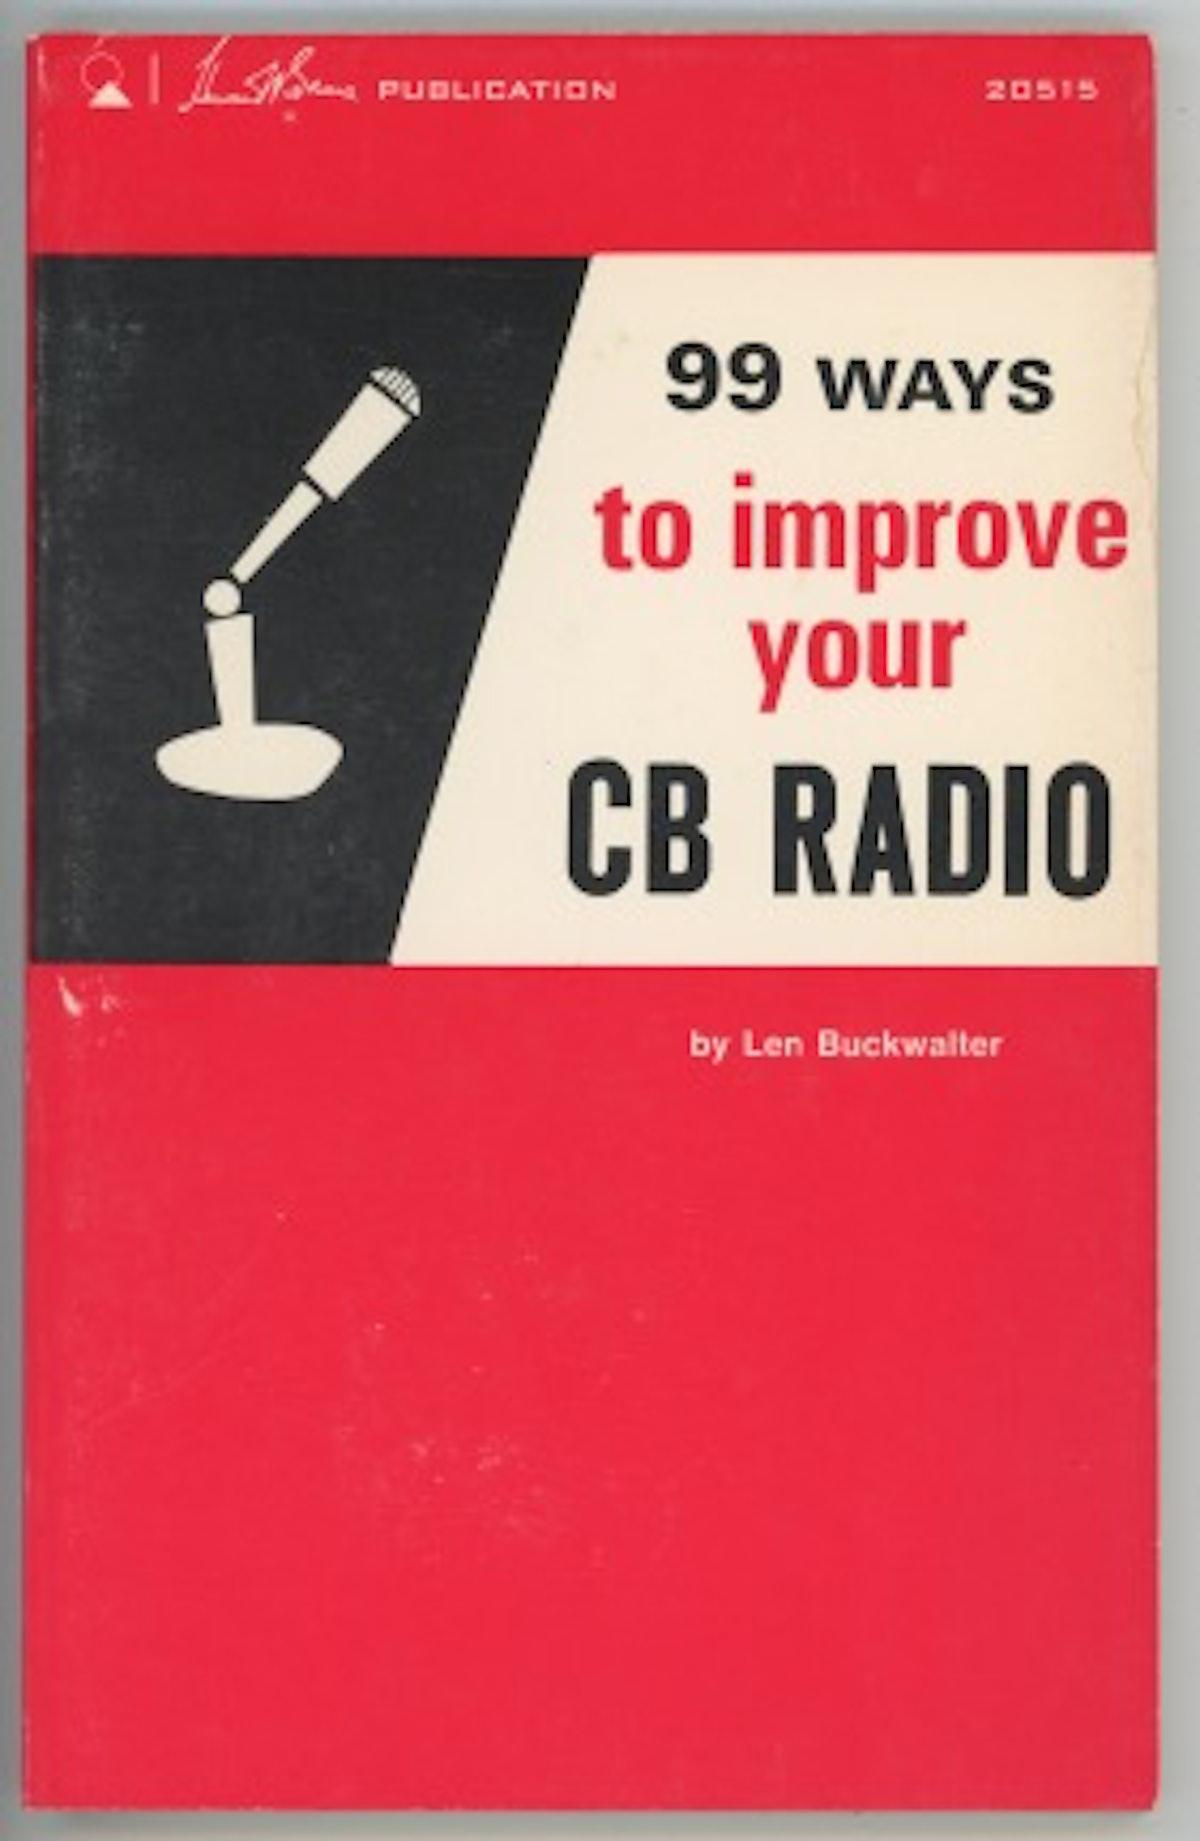 99 Ways to Improve your CB Radio